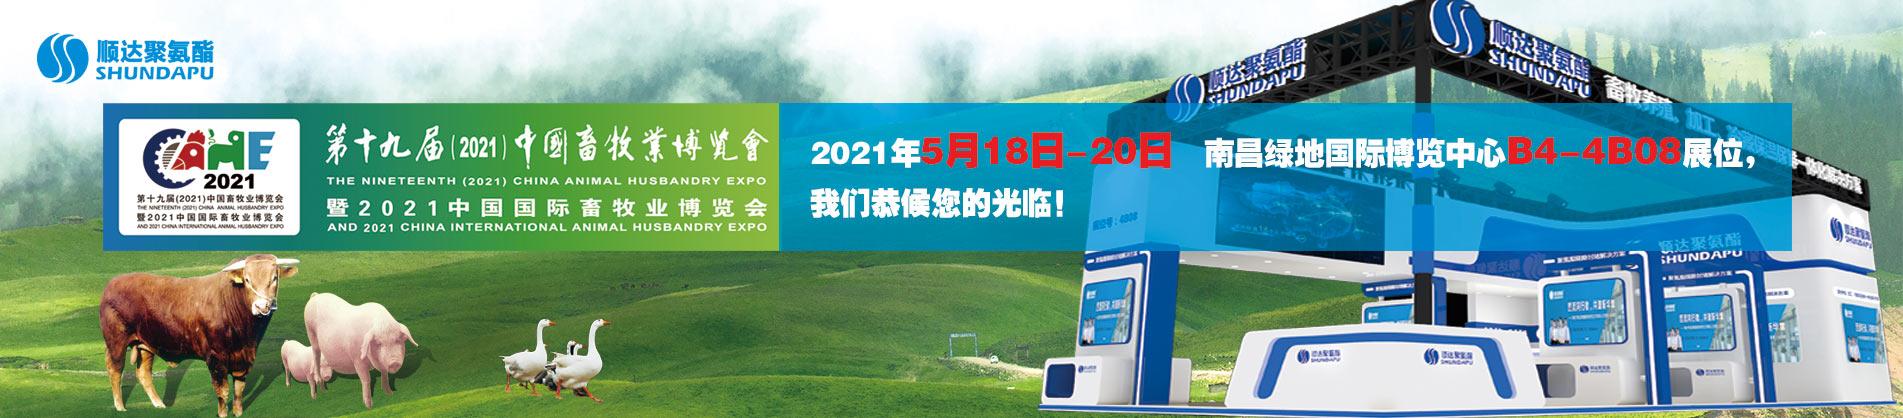 南昌•第十九届(2021)中国畜牧业博览会